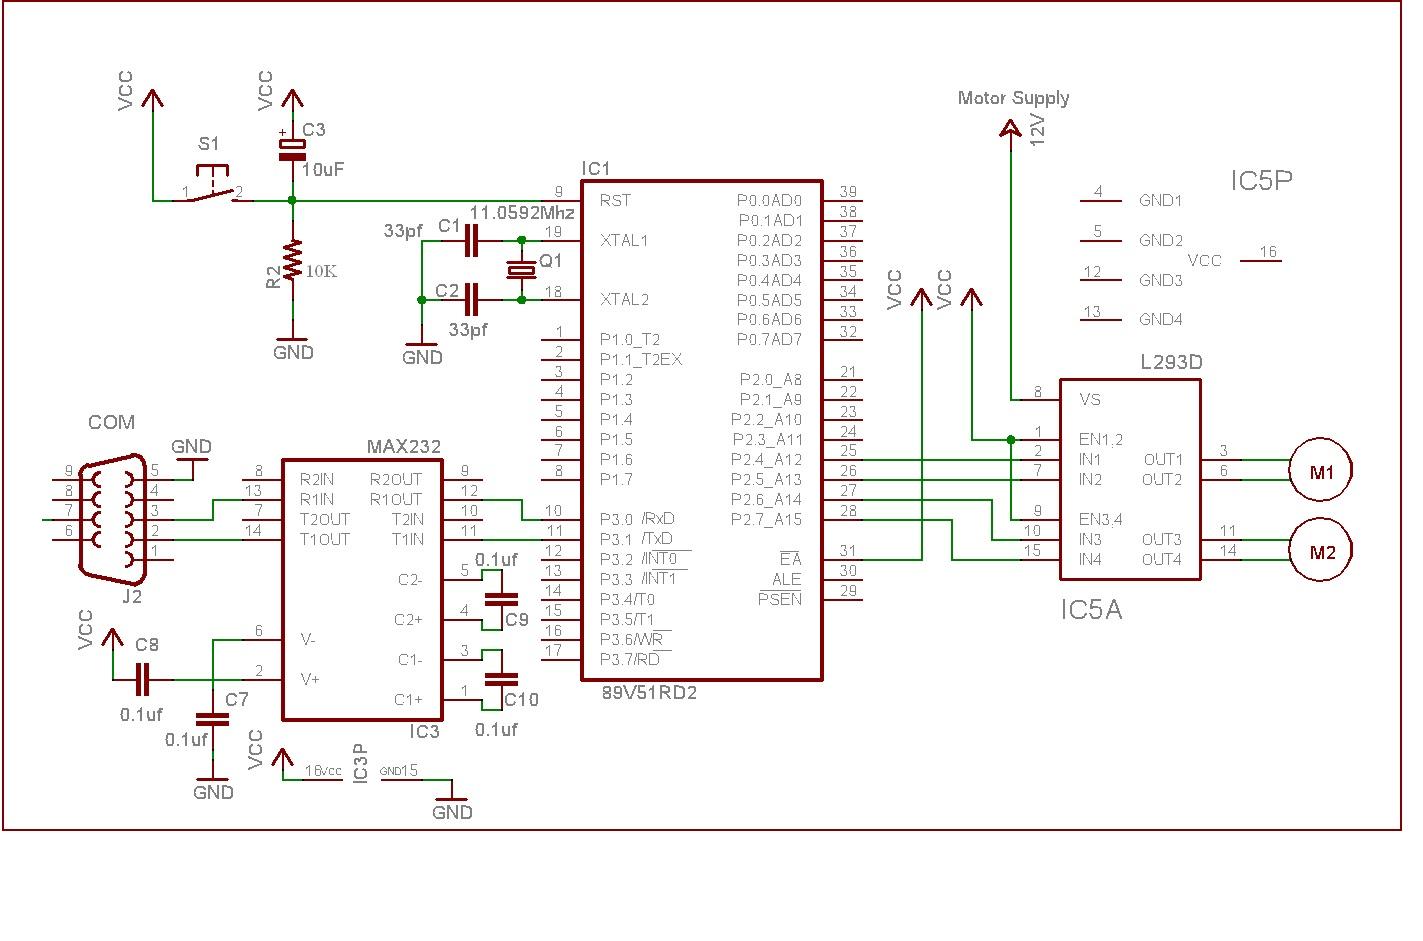 mazda 323 wiring diagram pdf efcaviation